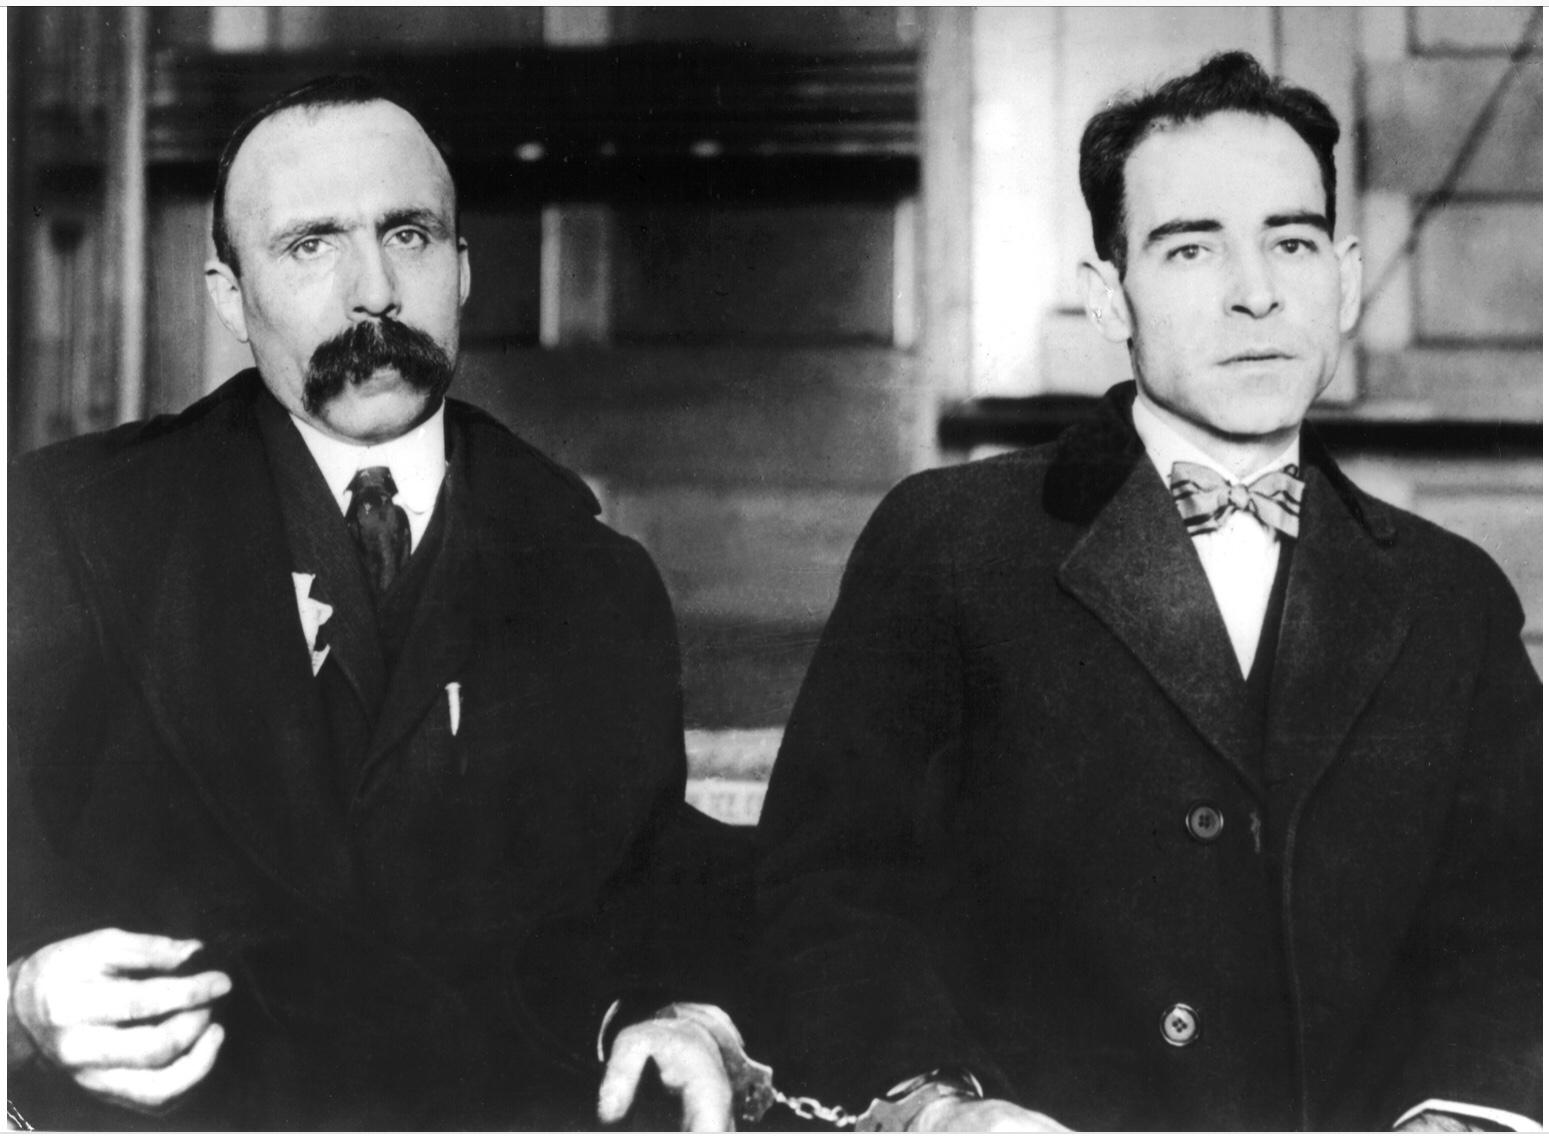 Bartolomeo Vanzetti (1888-1927) and Nicola Sacco (1891-1927).